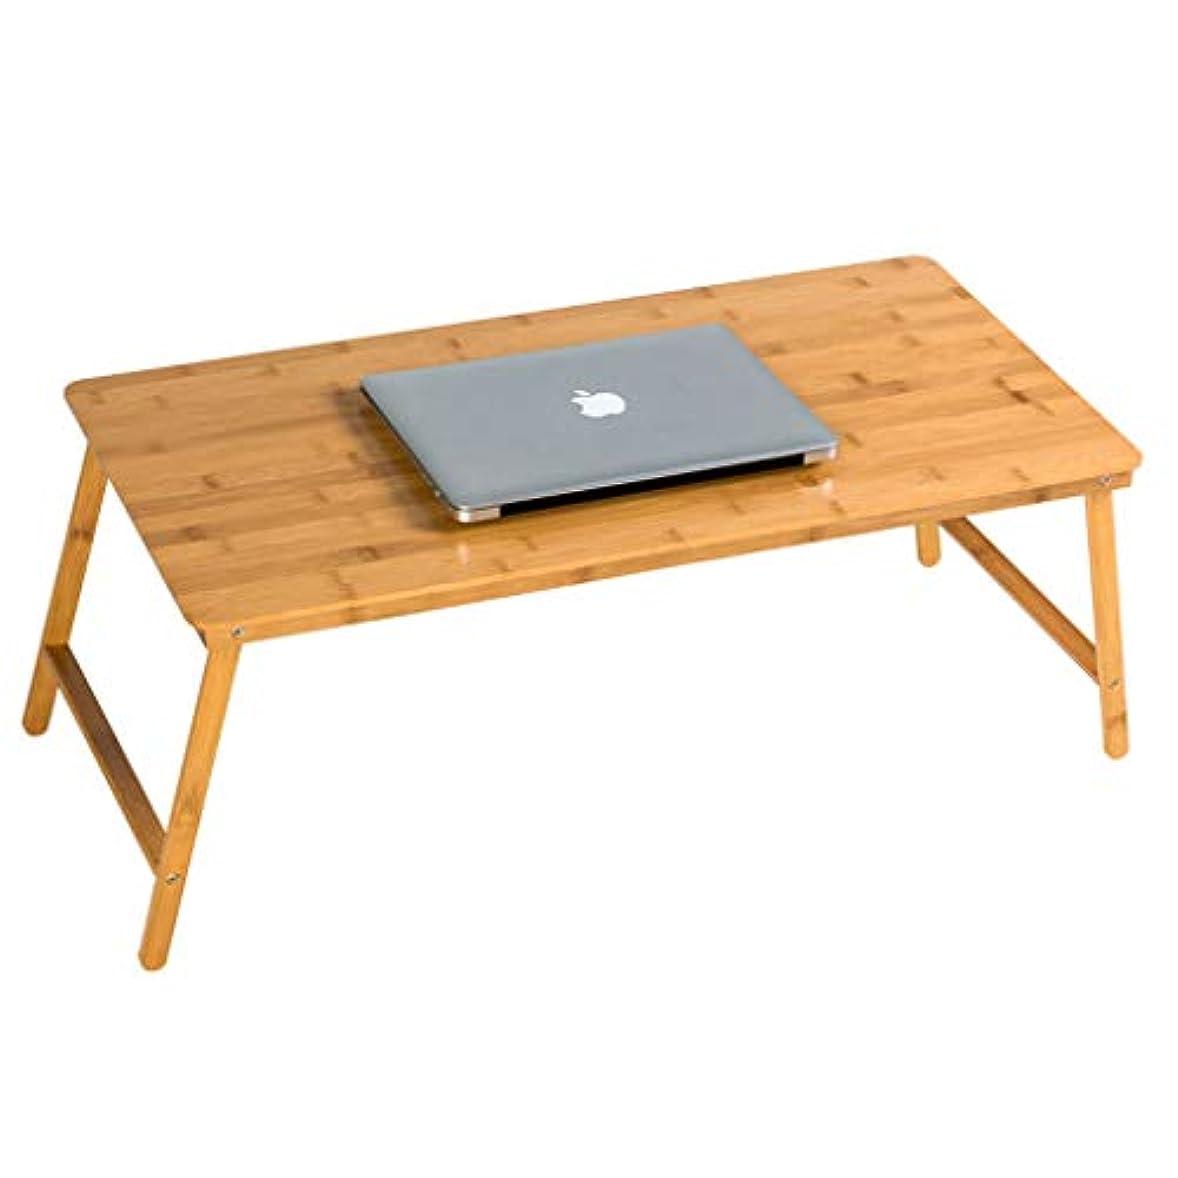 誇大妄想トロリーゴルフFRF 折りたたみ式テーブル- 折りたたみ可能なラップトップデスク、自宅の寝室の寮、シンプルなデスクのコンピュータデスク (色 : 木の色, サイズ さいず : 80x38x32cm)